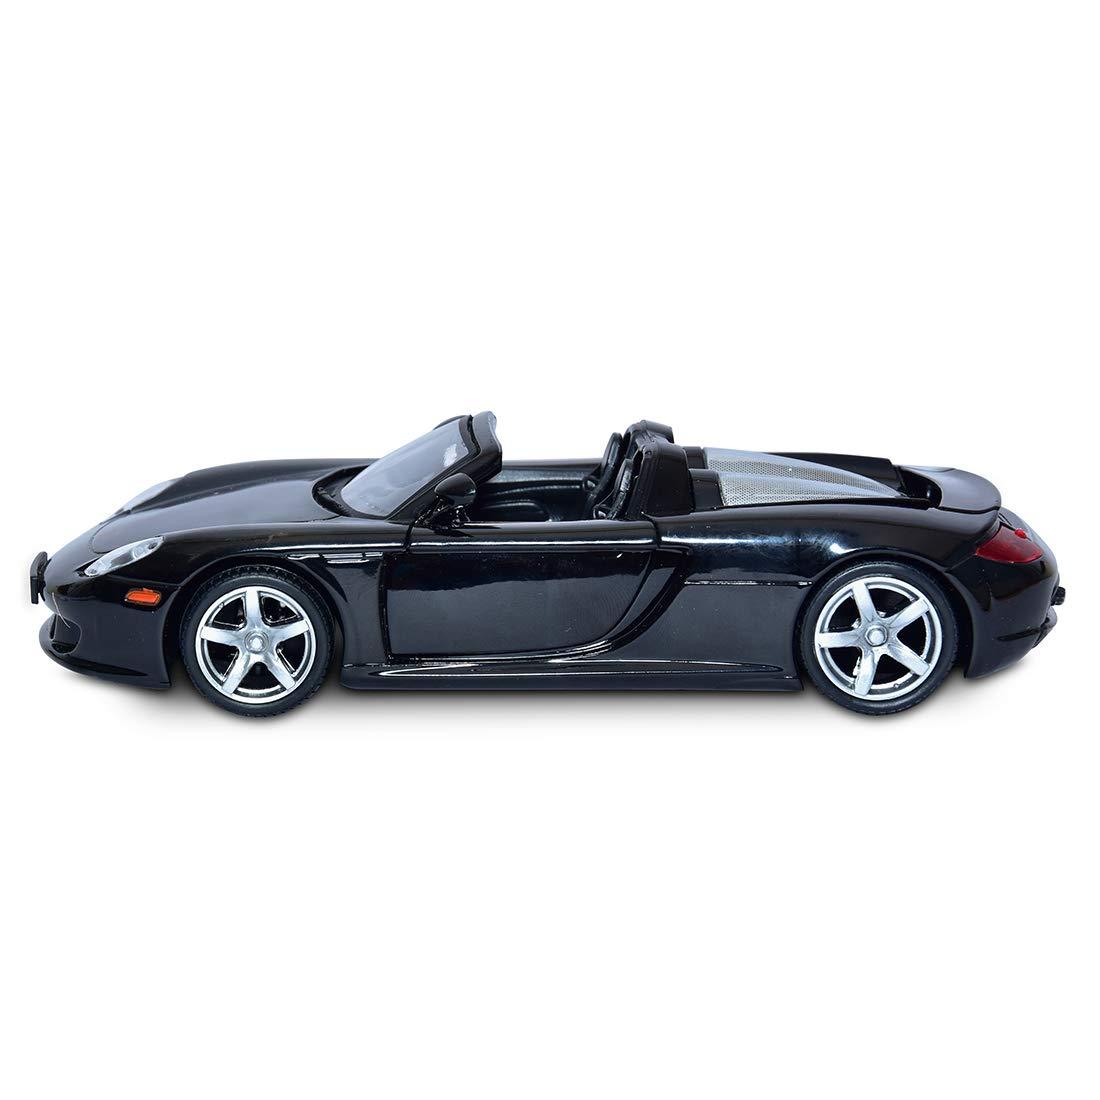 Motormax 1:24 Porsche Carrera GT Vehicle, Assorted